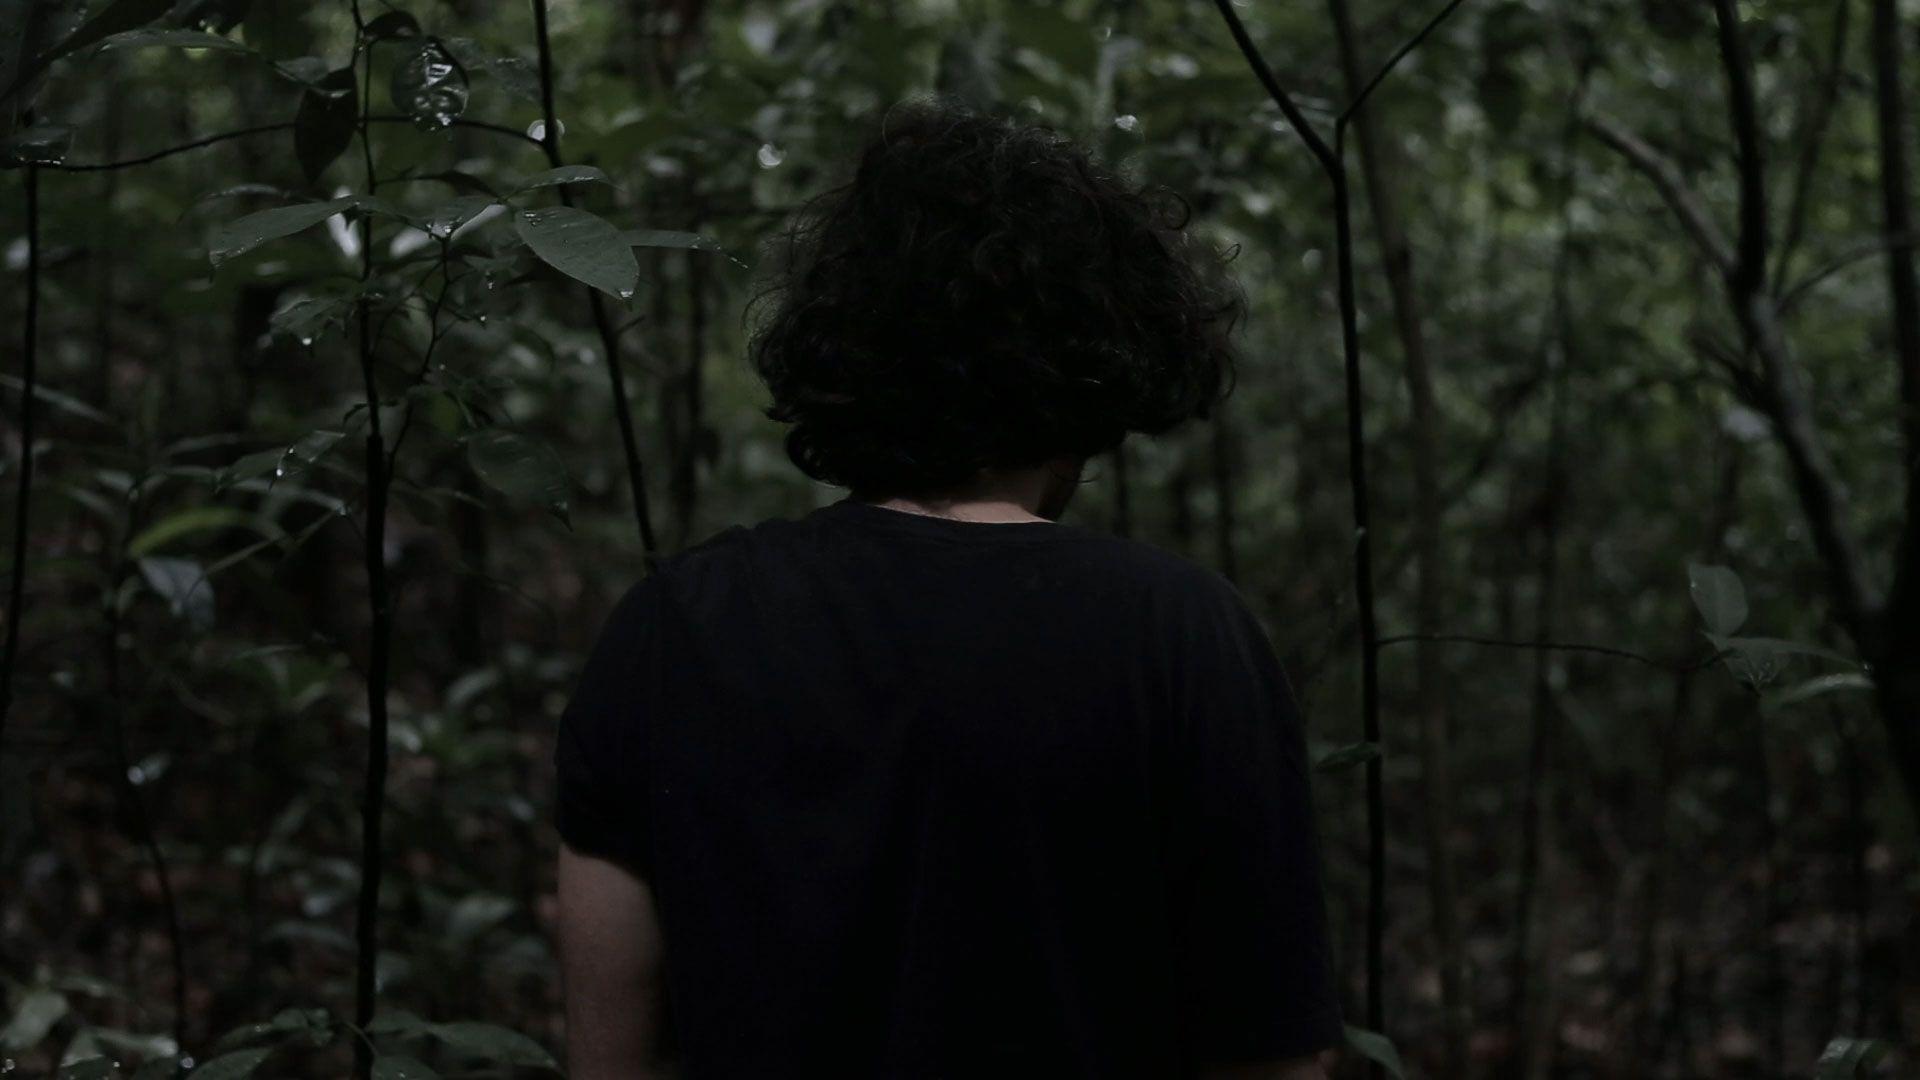 Vemos de dentro de uma floresta a partes da cidade do lado de fora; um homem de cabelos volumosos aparece dentro da floresta de costas vestido roupas pretas; sua imagem se dissolve e desaparece, vemos suas mãos cavando um buraco no chão, ao fim aparece um cutia (animal) e o vídeo acaba.